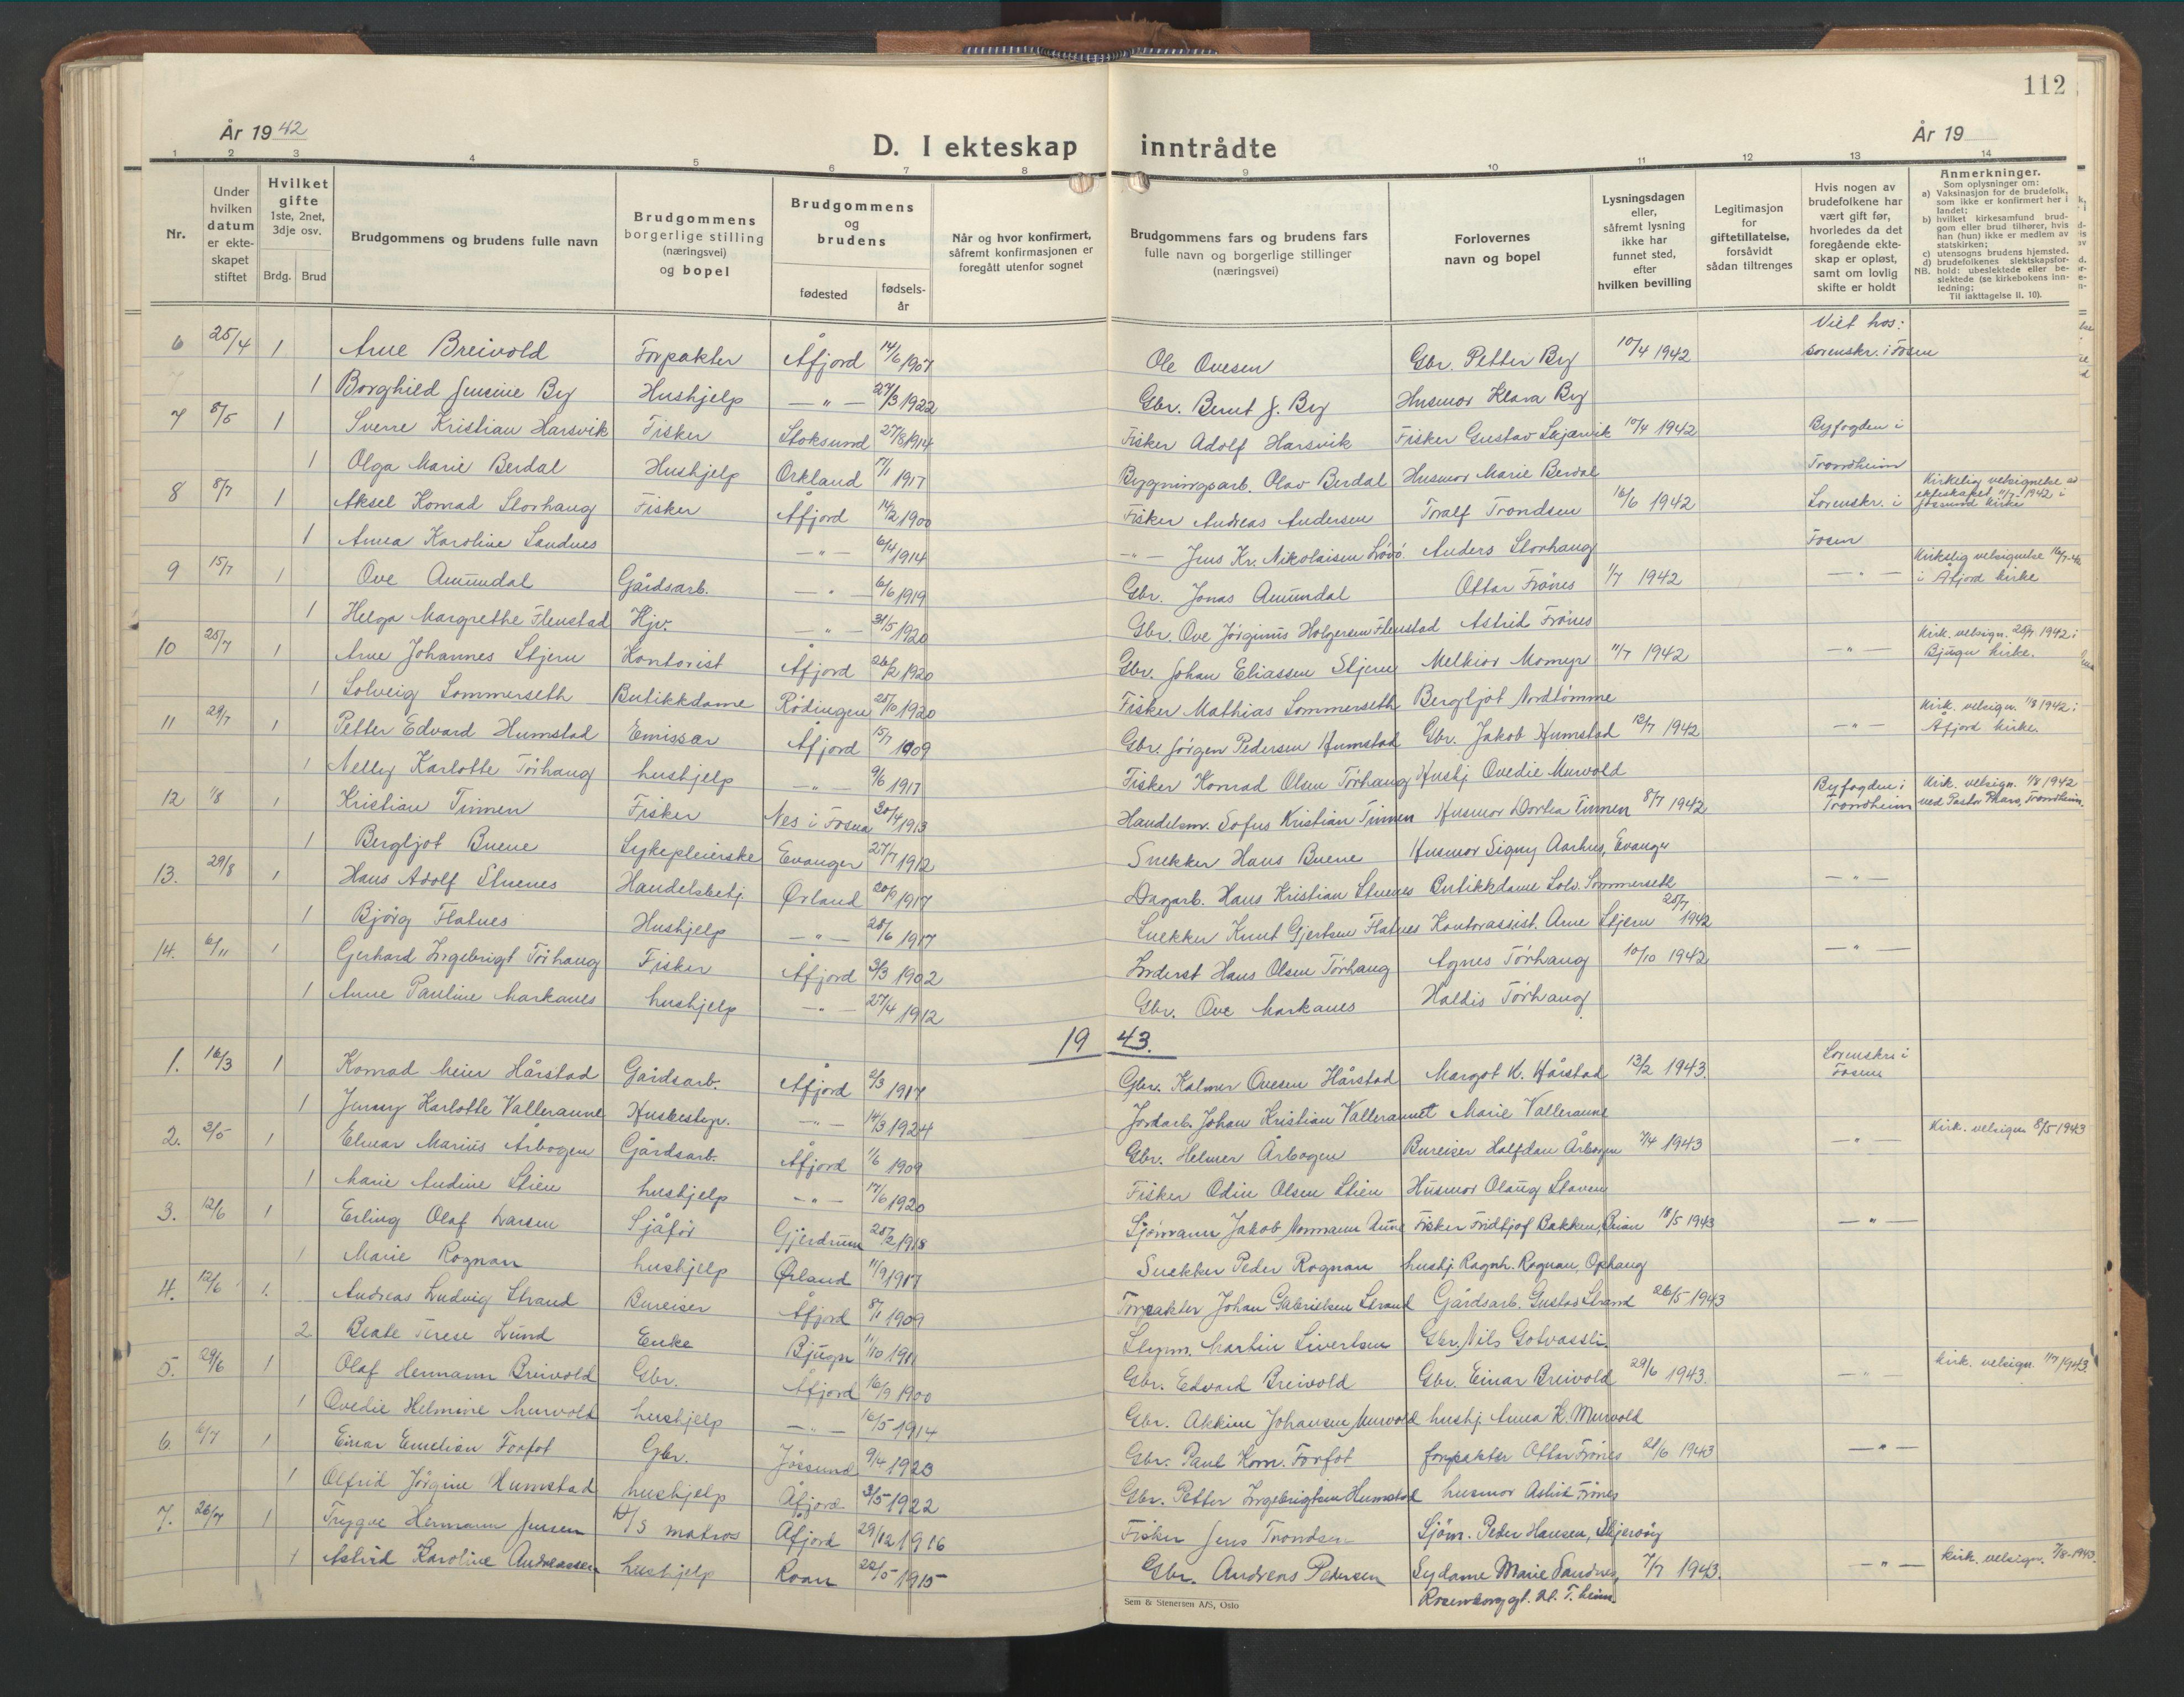 SAT, Ministerialprotokoller, klokkerbøker og fødselsregistre - Sør-Trøndelag, 655/L0690: Klokkerbok nr. 655C06, 1937-1950, s. 112